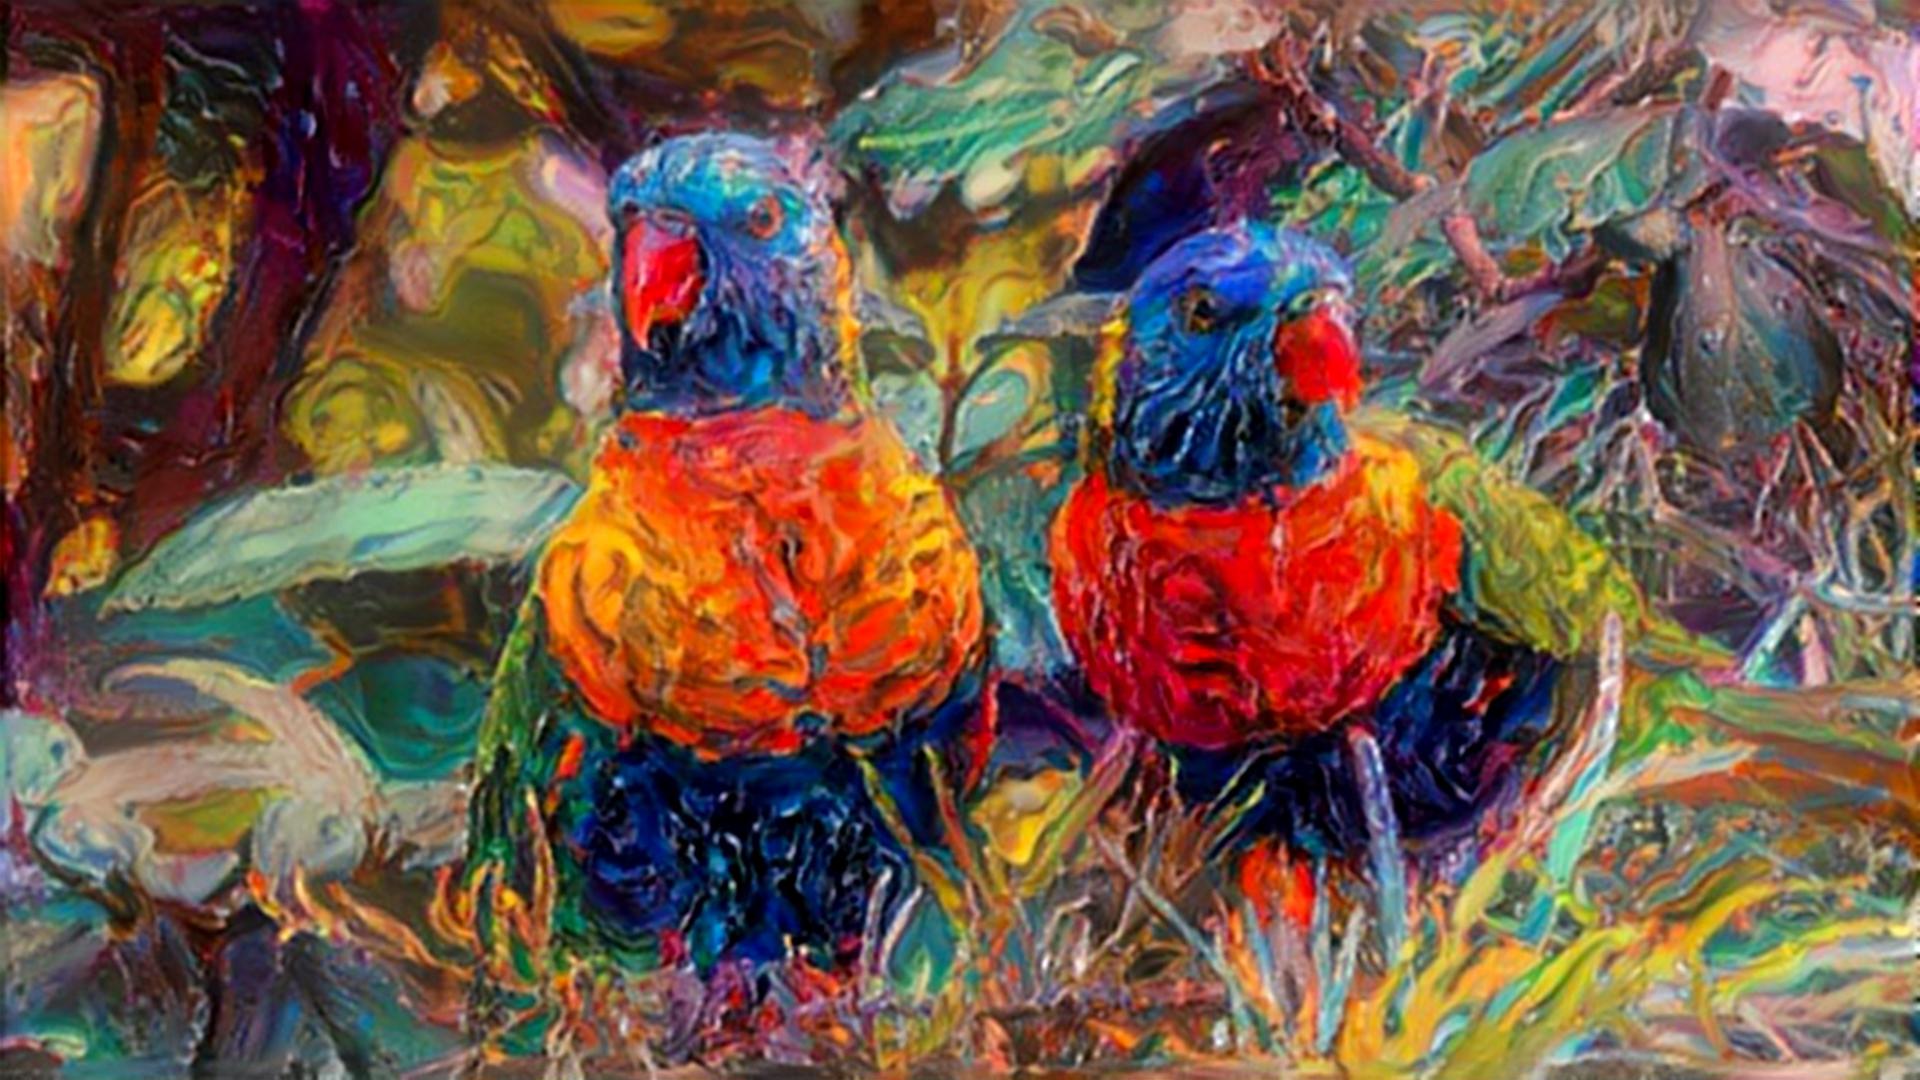 Amazing Parrot Couple articco